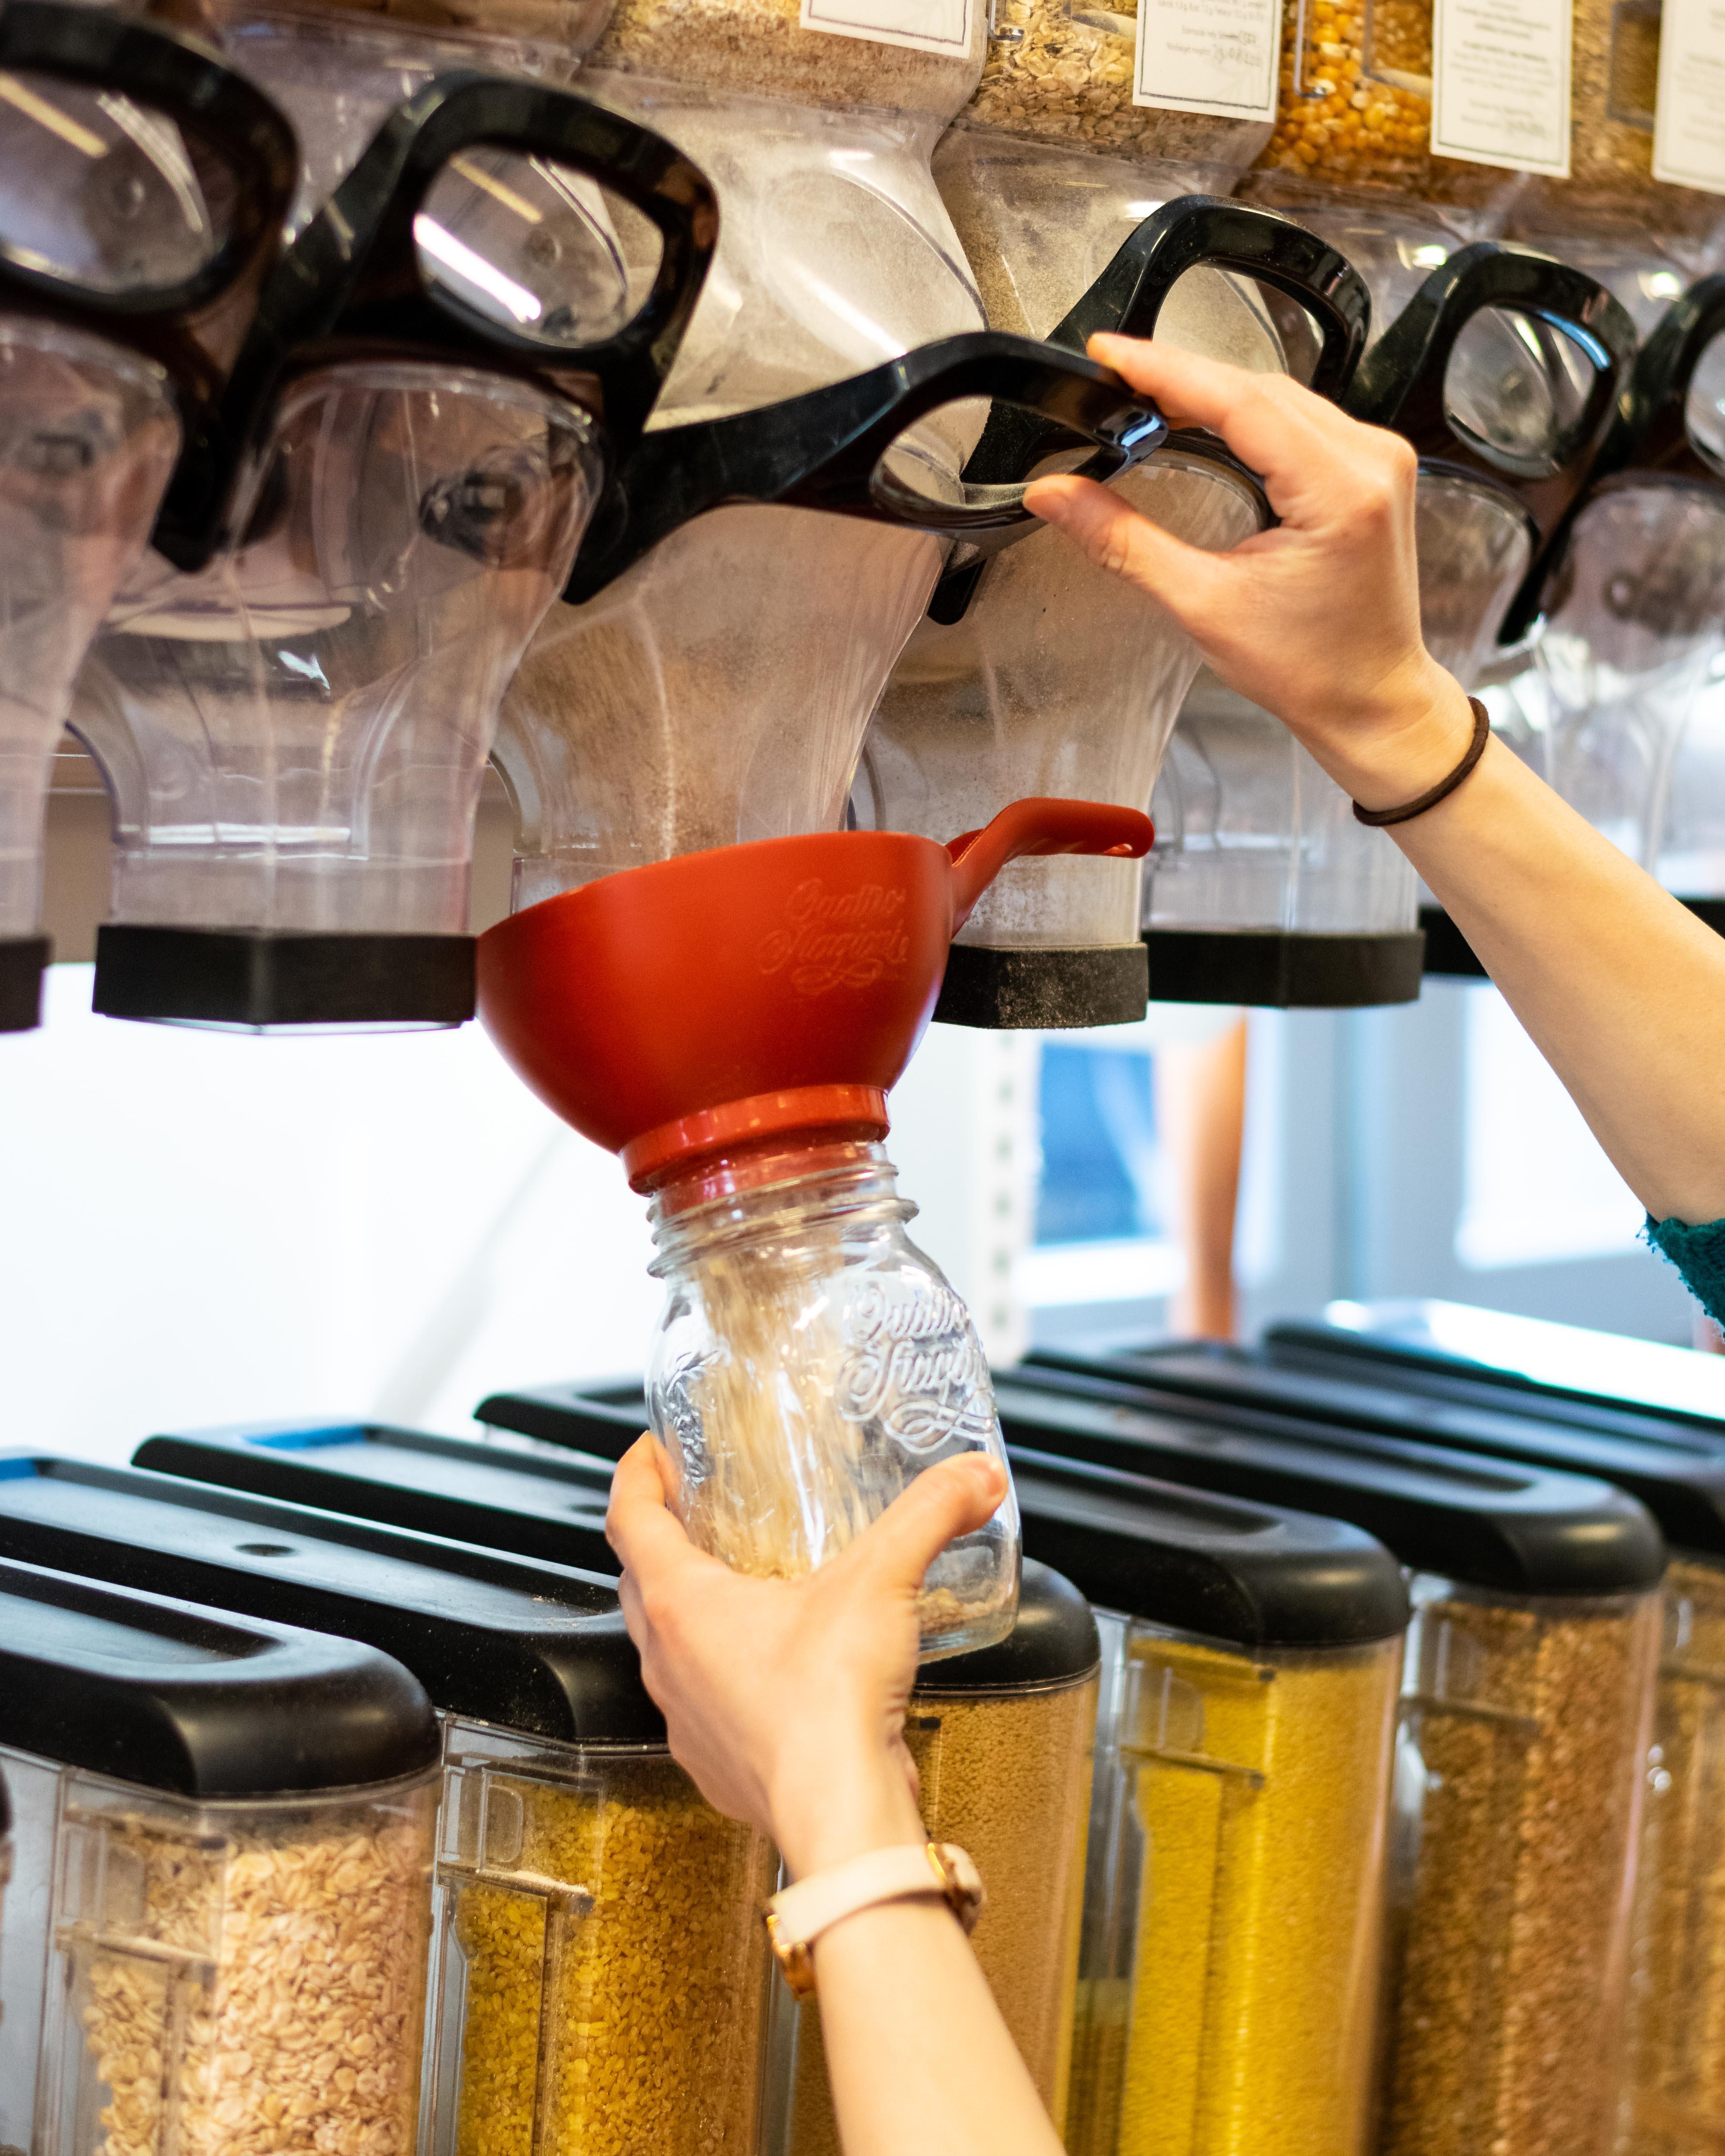 Így maradj motivált a zero waste utadon! 3+1 tipp